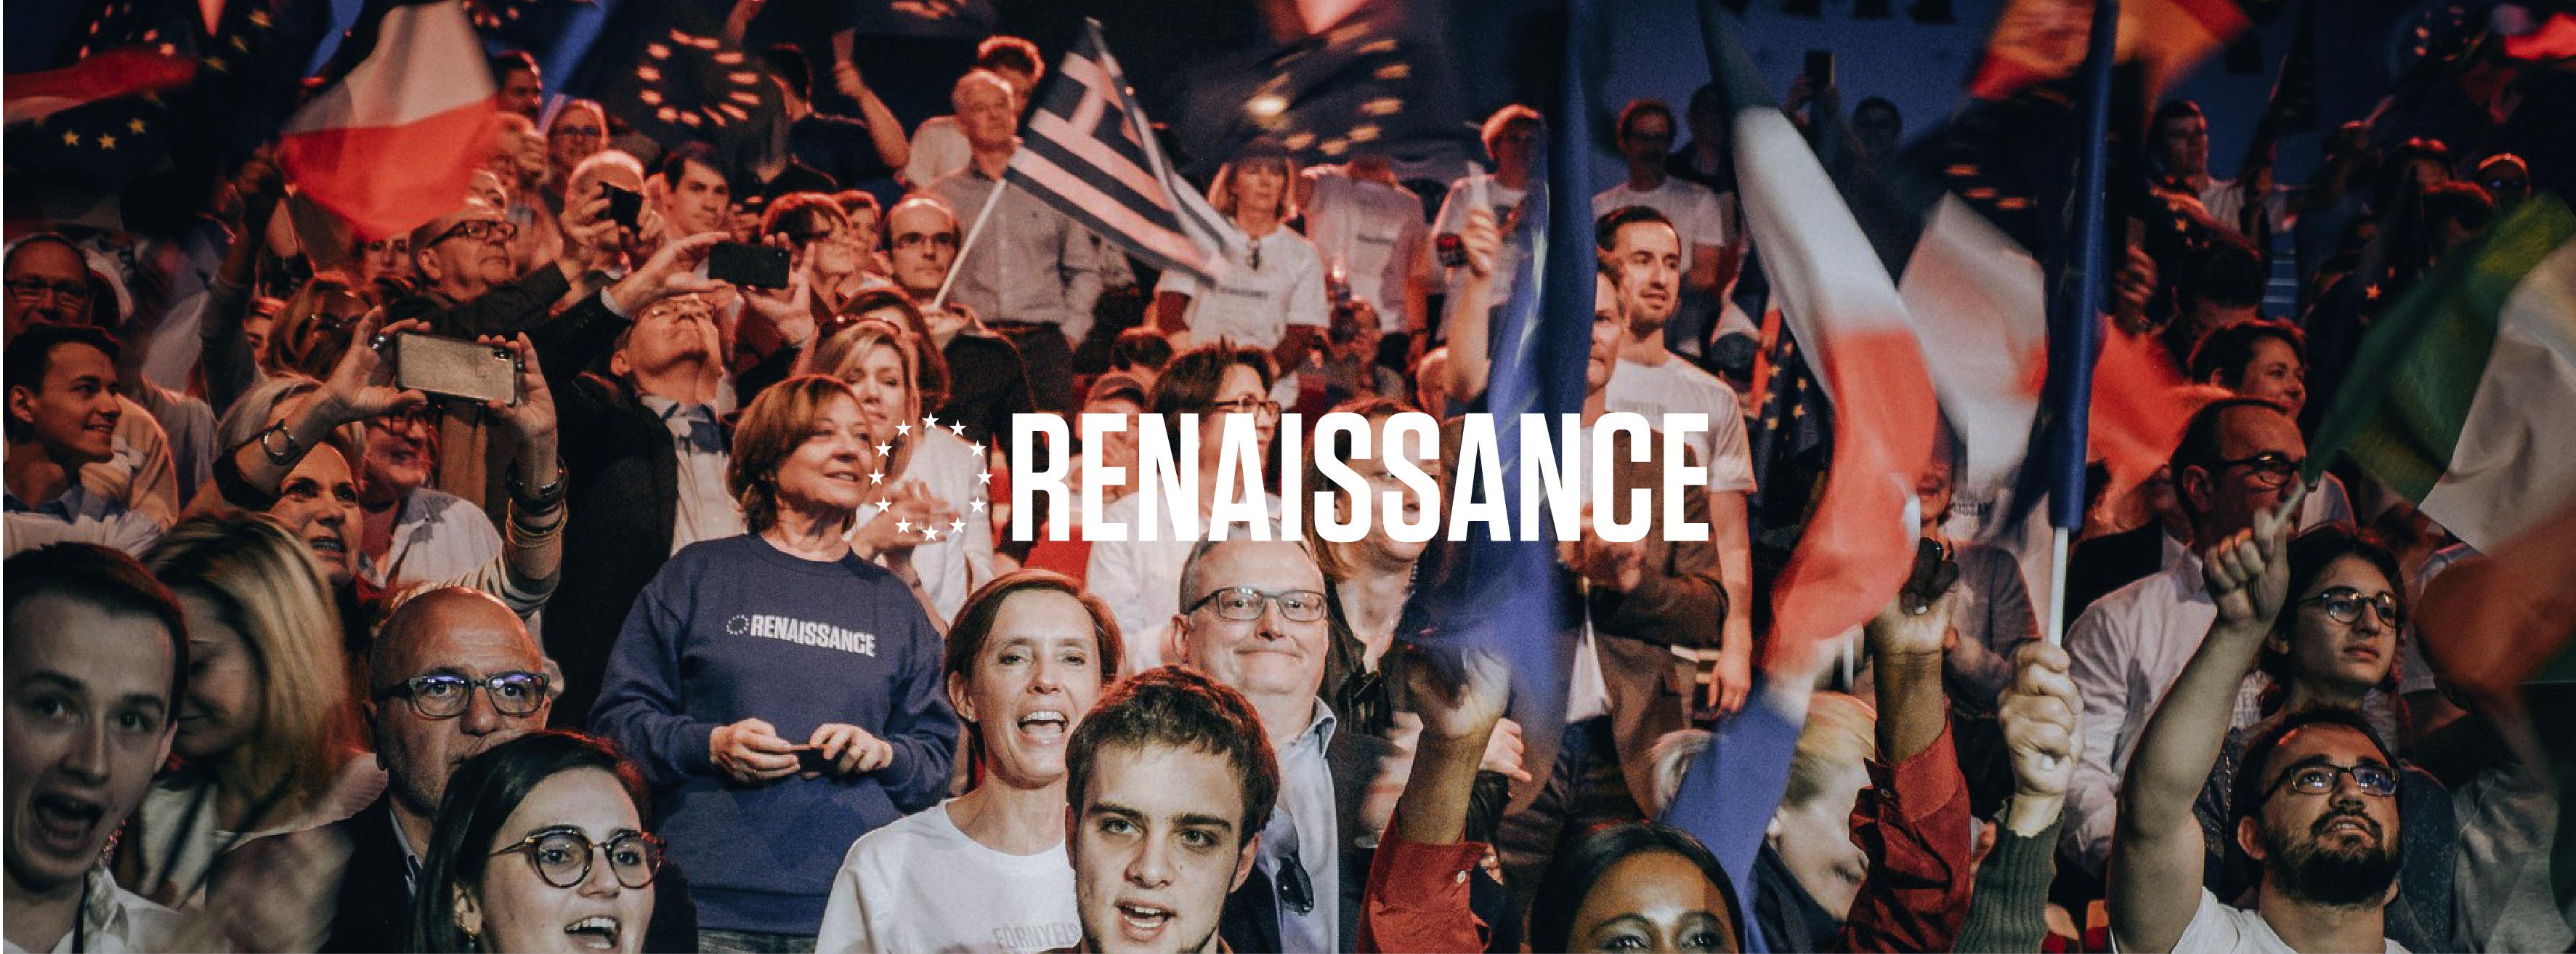 Européennes 2019 - Renaissance, le programme